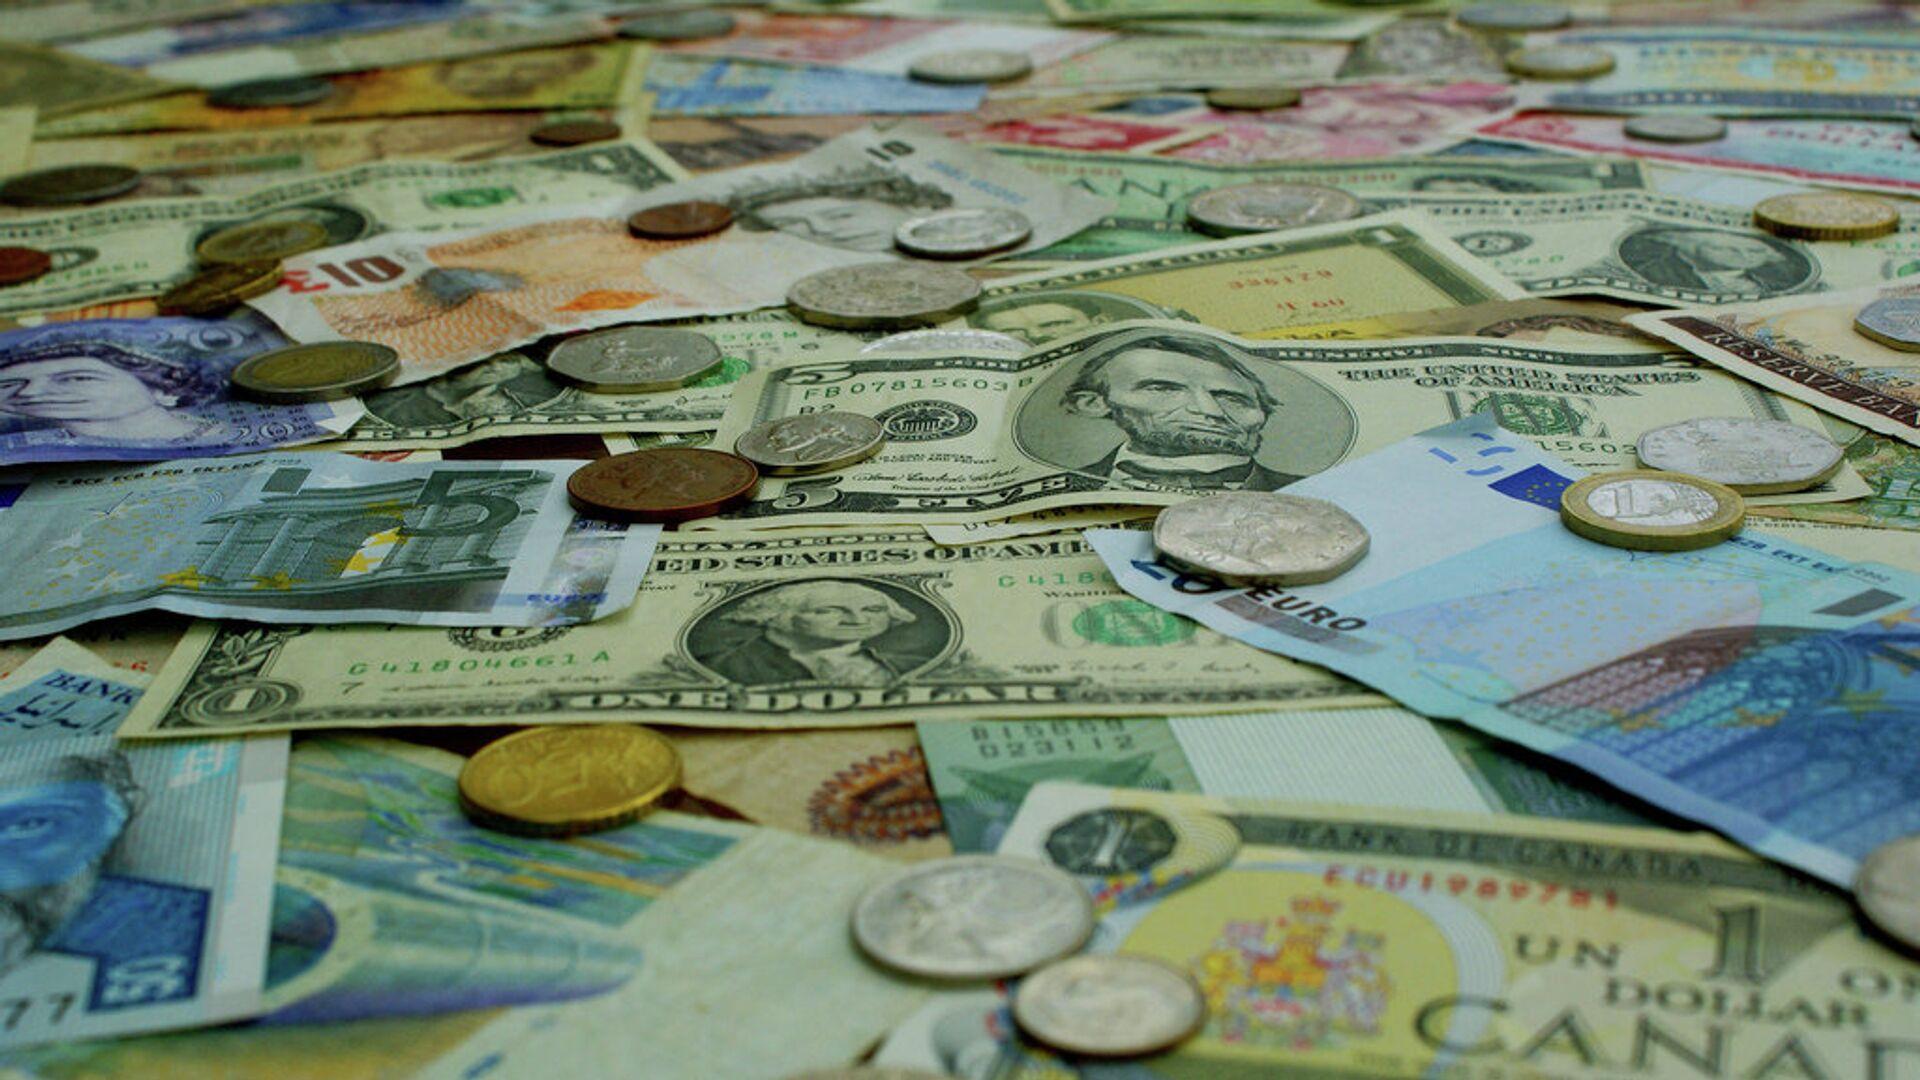 Деньги разных стран - РИА Новости, 1920, 02.07.2021